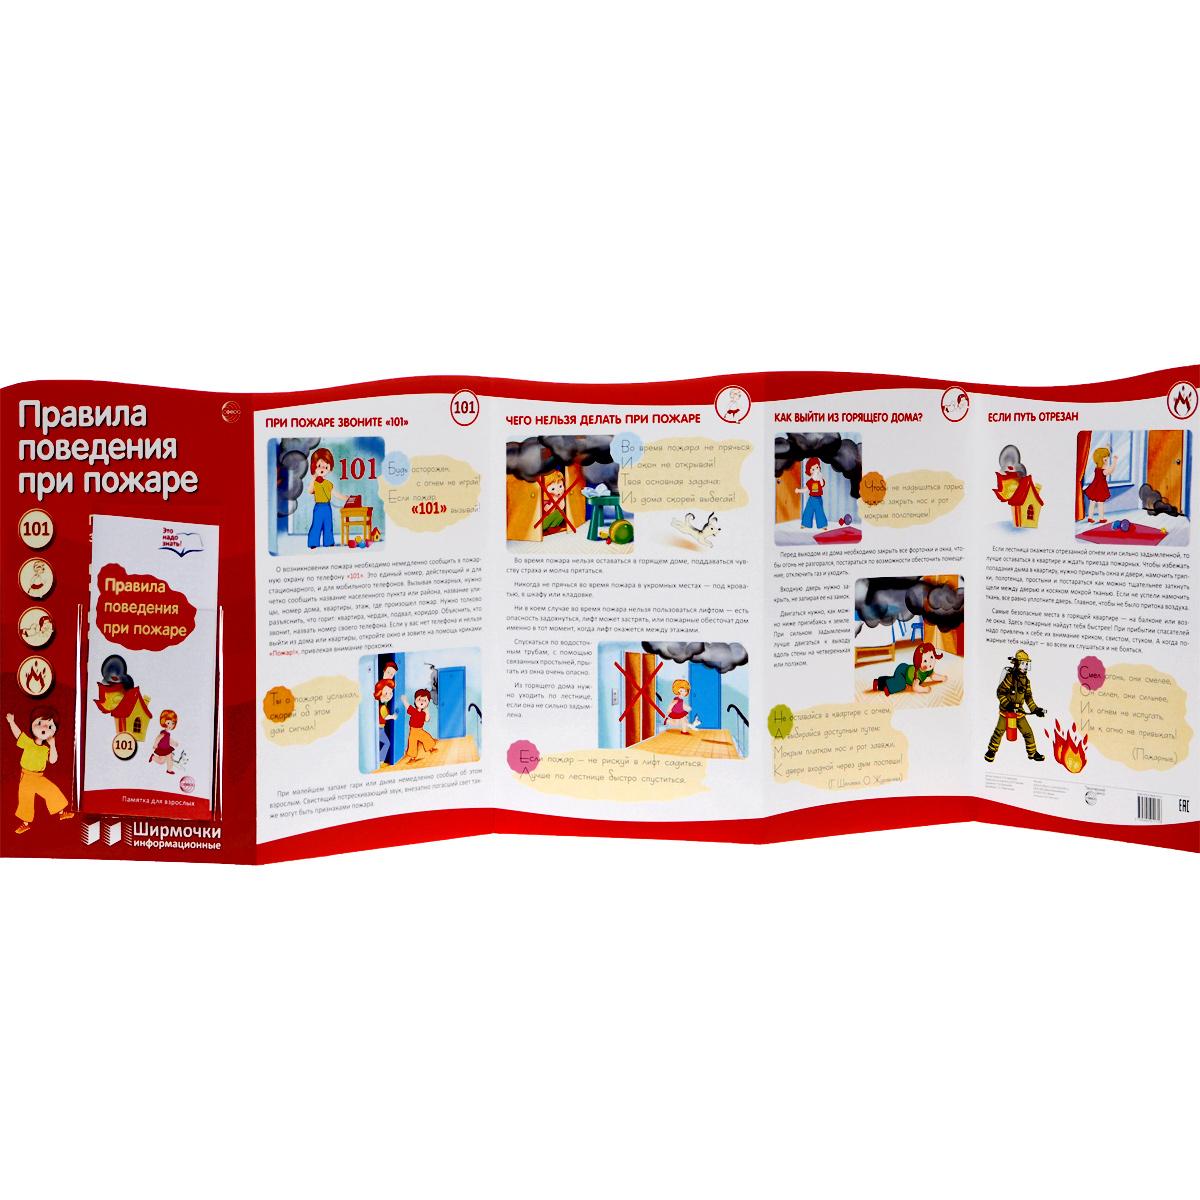 Правила поведения при пожаре. Ширмочки информационные (+ буклет)12296407Ширмочки информационные Правила поведения при пожаре, с пластиковым карманом и буклетом. Безопасность детей - забота взрослых. Избежать опасности легче, если действуешь спокойно и разумно. Терпеливо разбирайте с ребенком опасную ситуацию, отрабатывайте навыки правильных действий при пожаре до автоматизма.